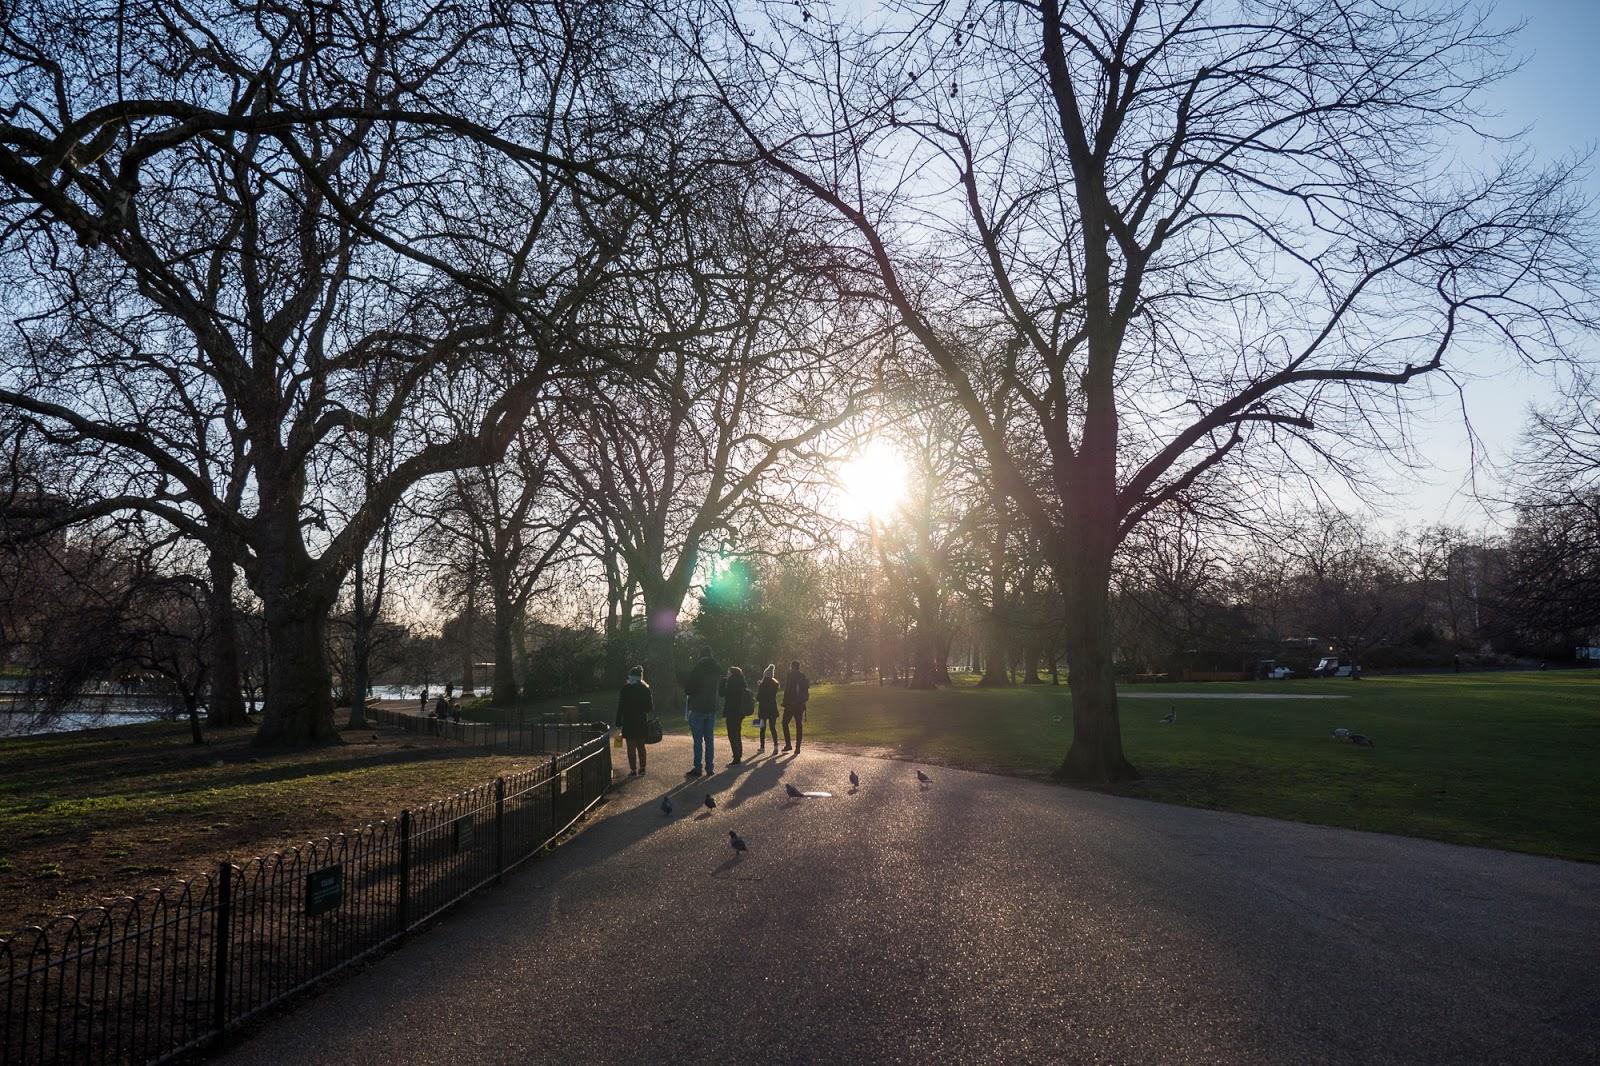 London St. James Park